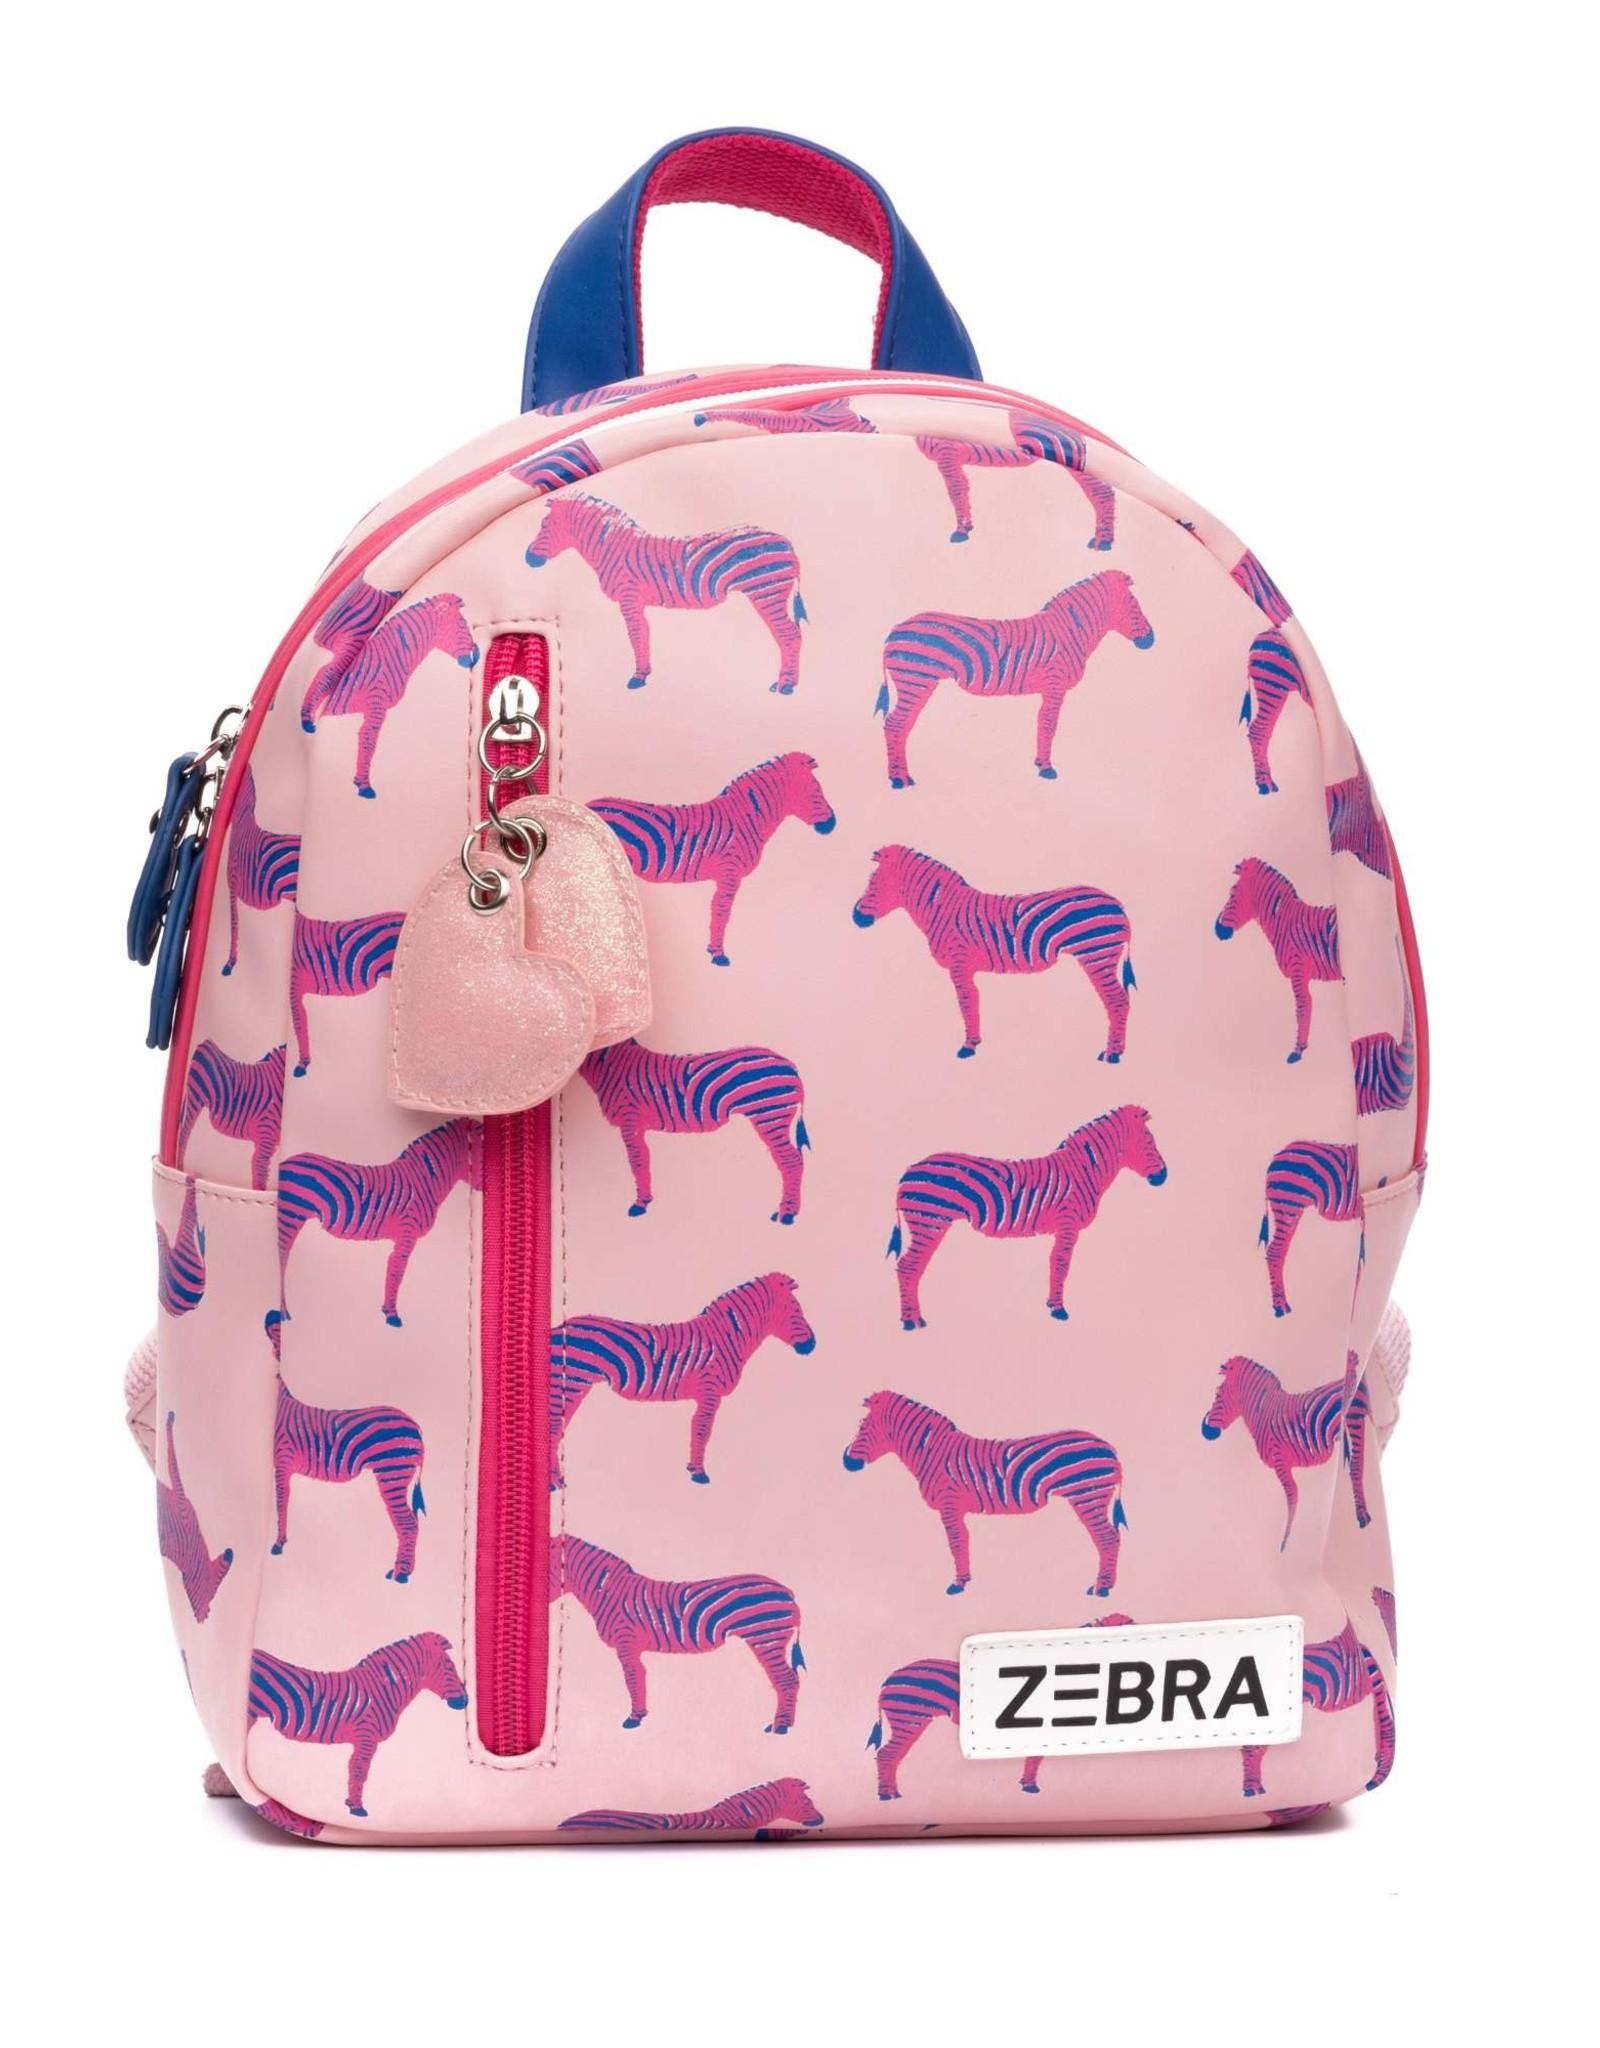 Zebra Trends Rugzak Zebra S